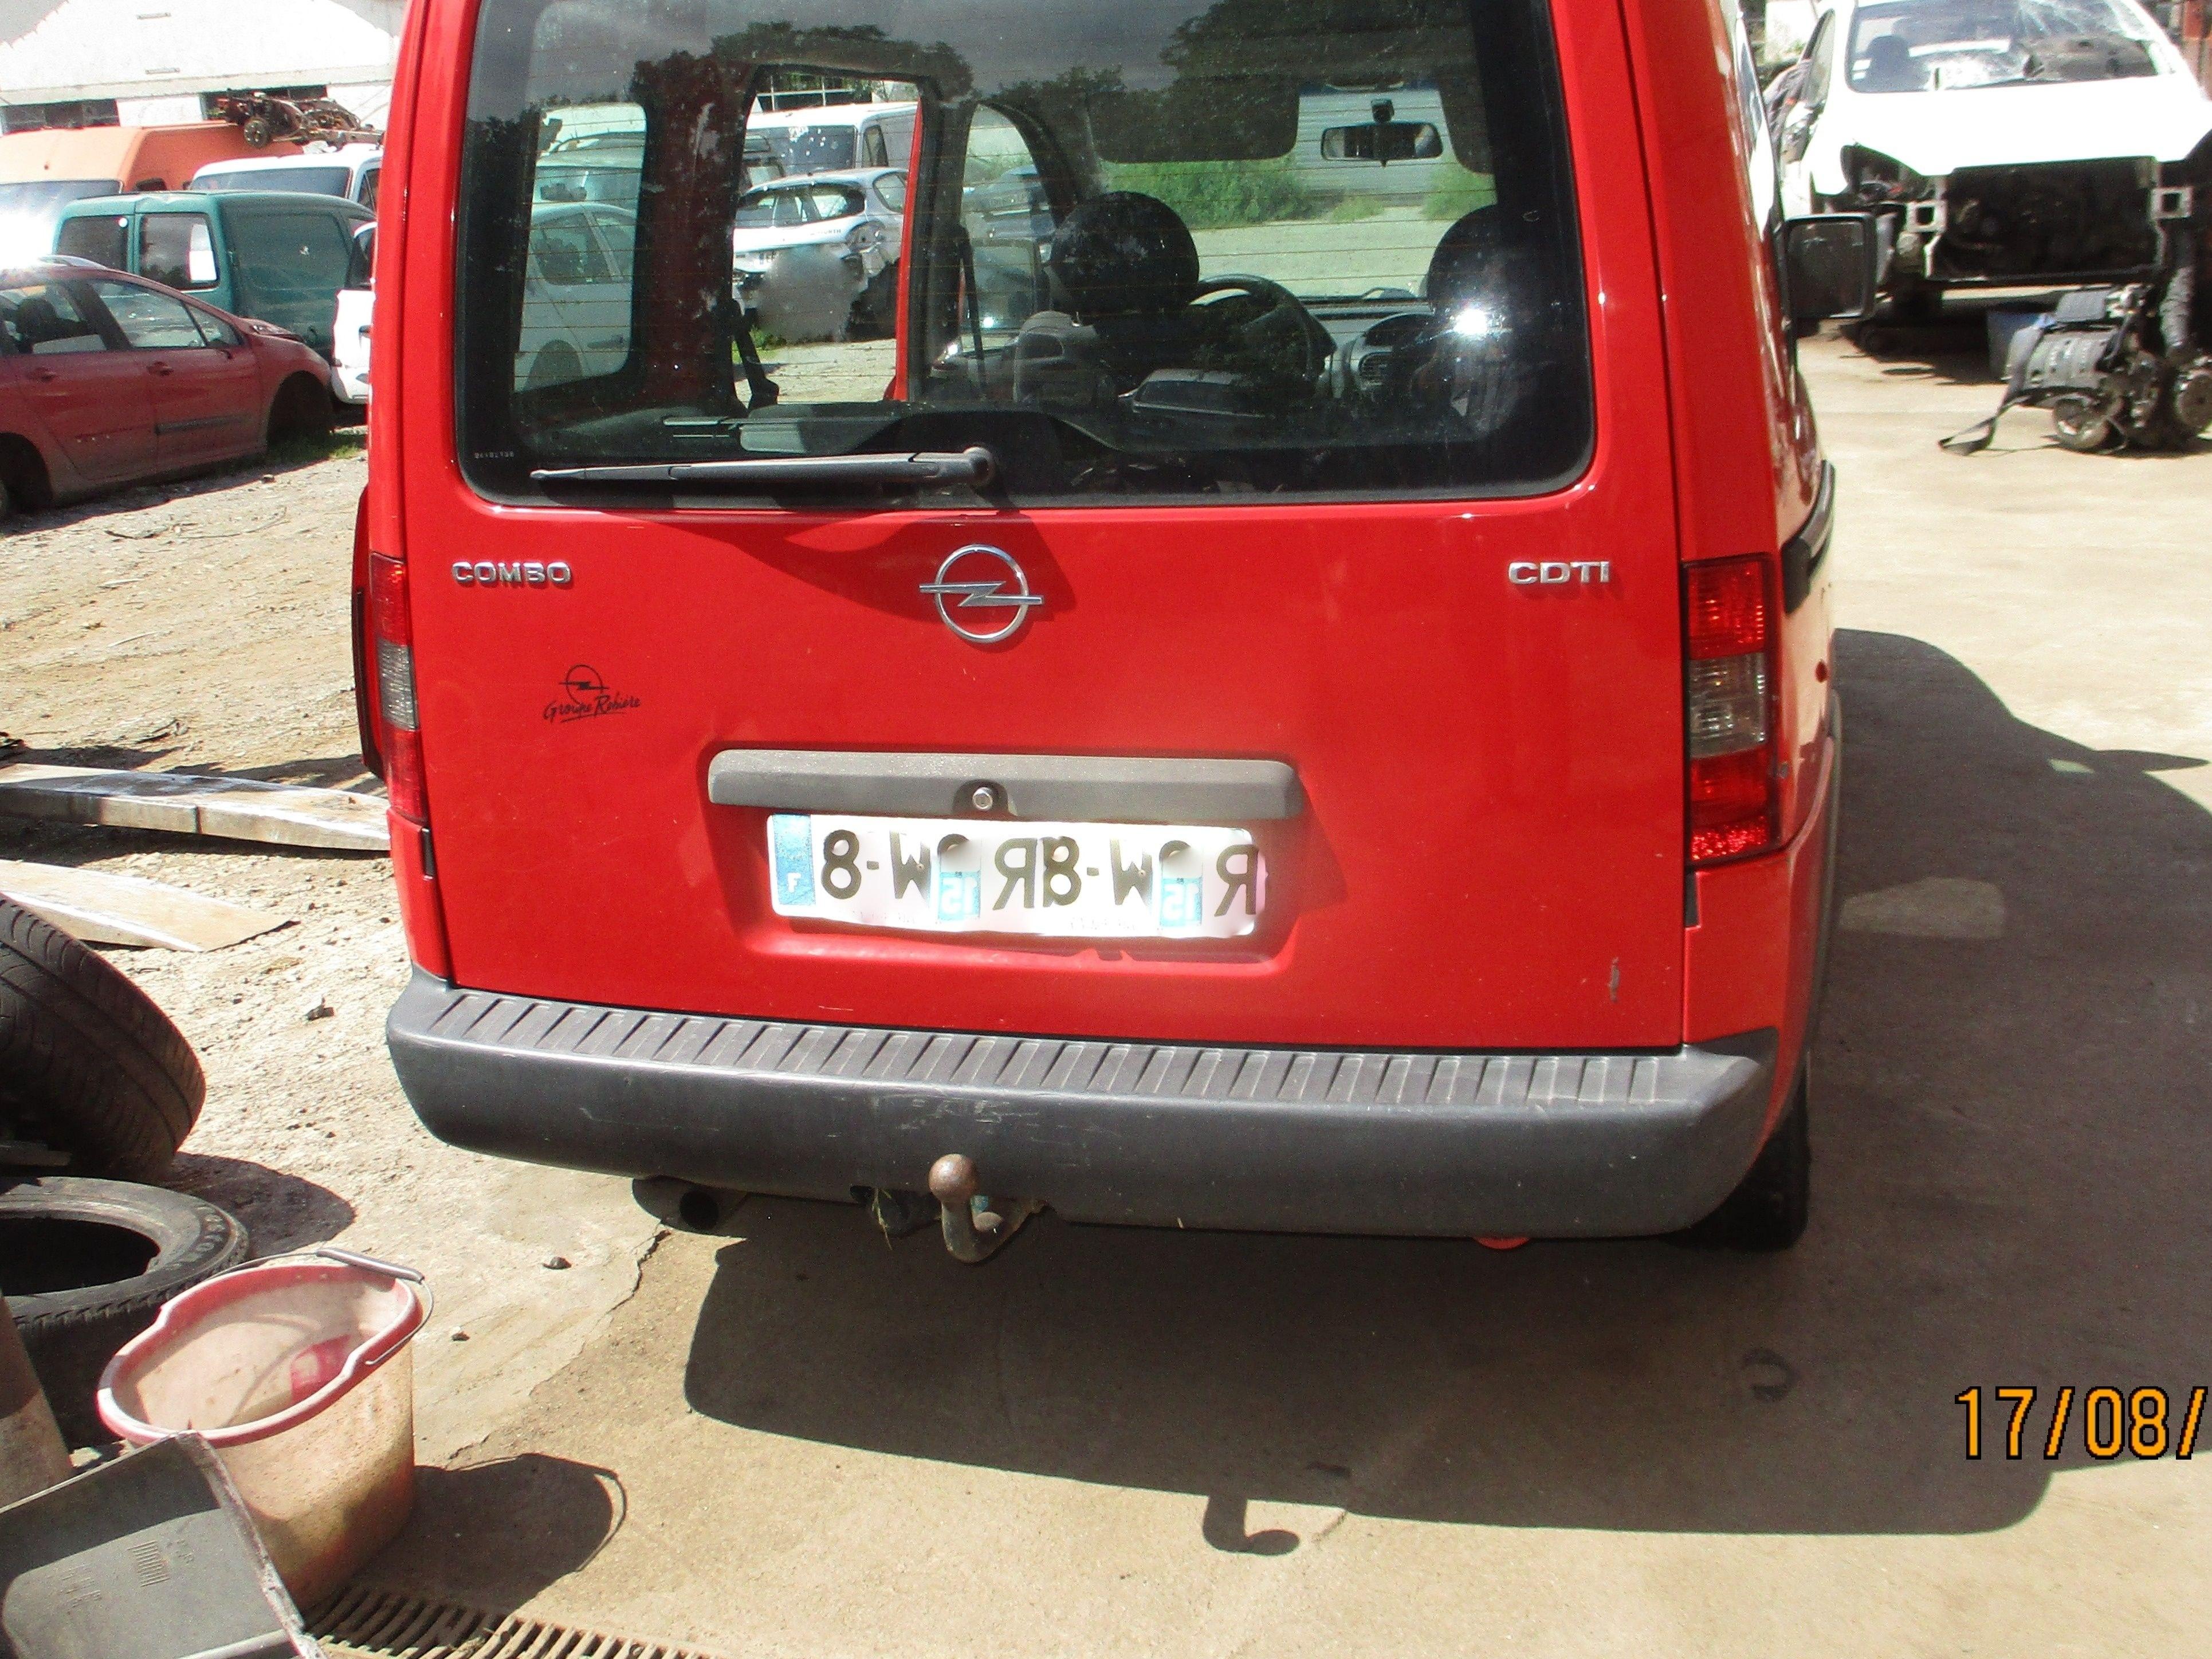 OPEL COMBO 1300 CDTI 16V 75 CV